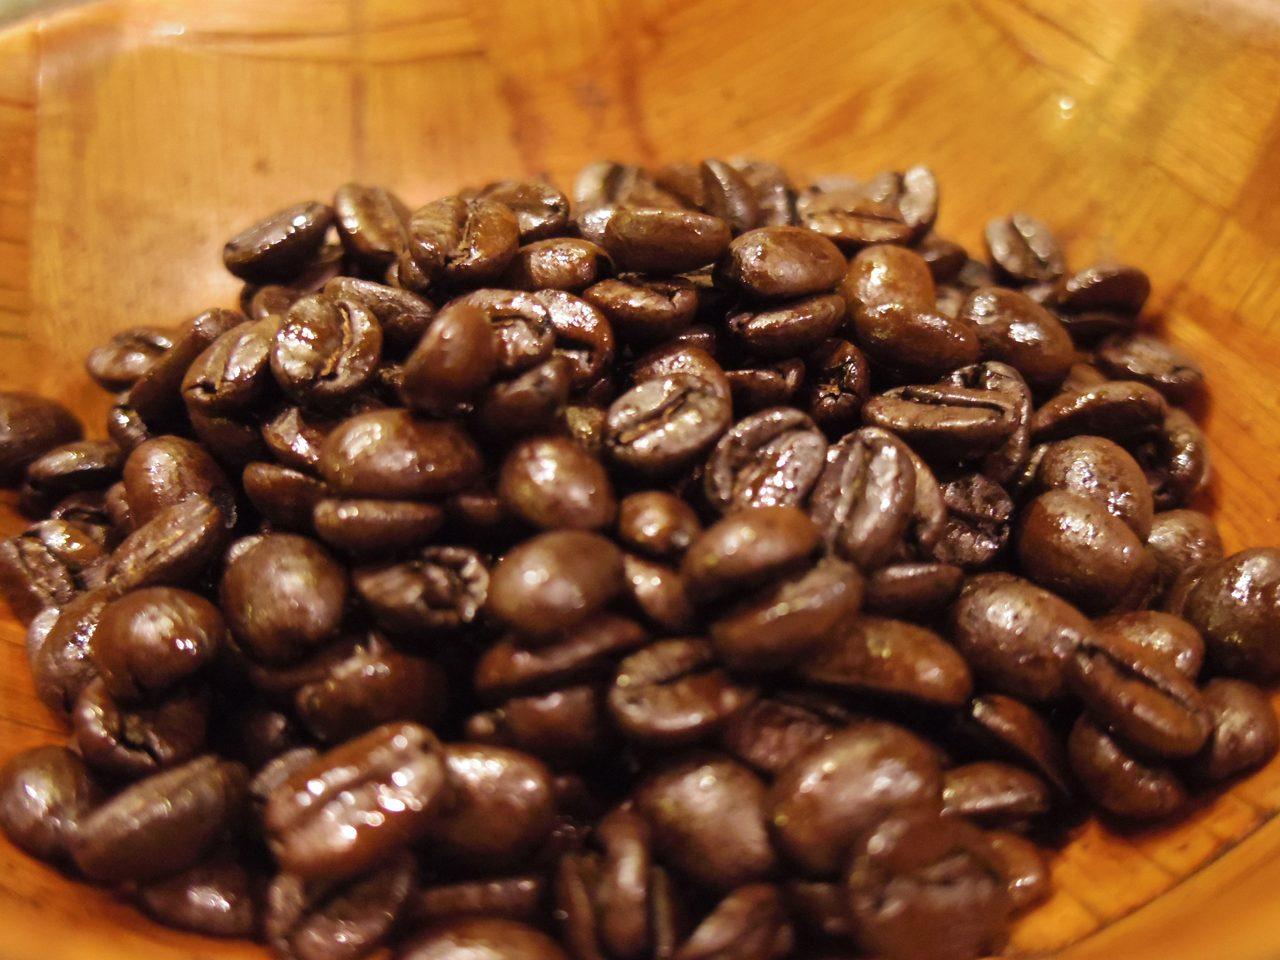 画像: この艶、深煎りの特徴なんだそうです。香ばしい匂いもたまりません… www.coffee-story.co.jp